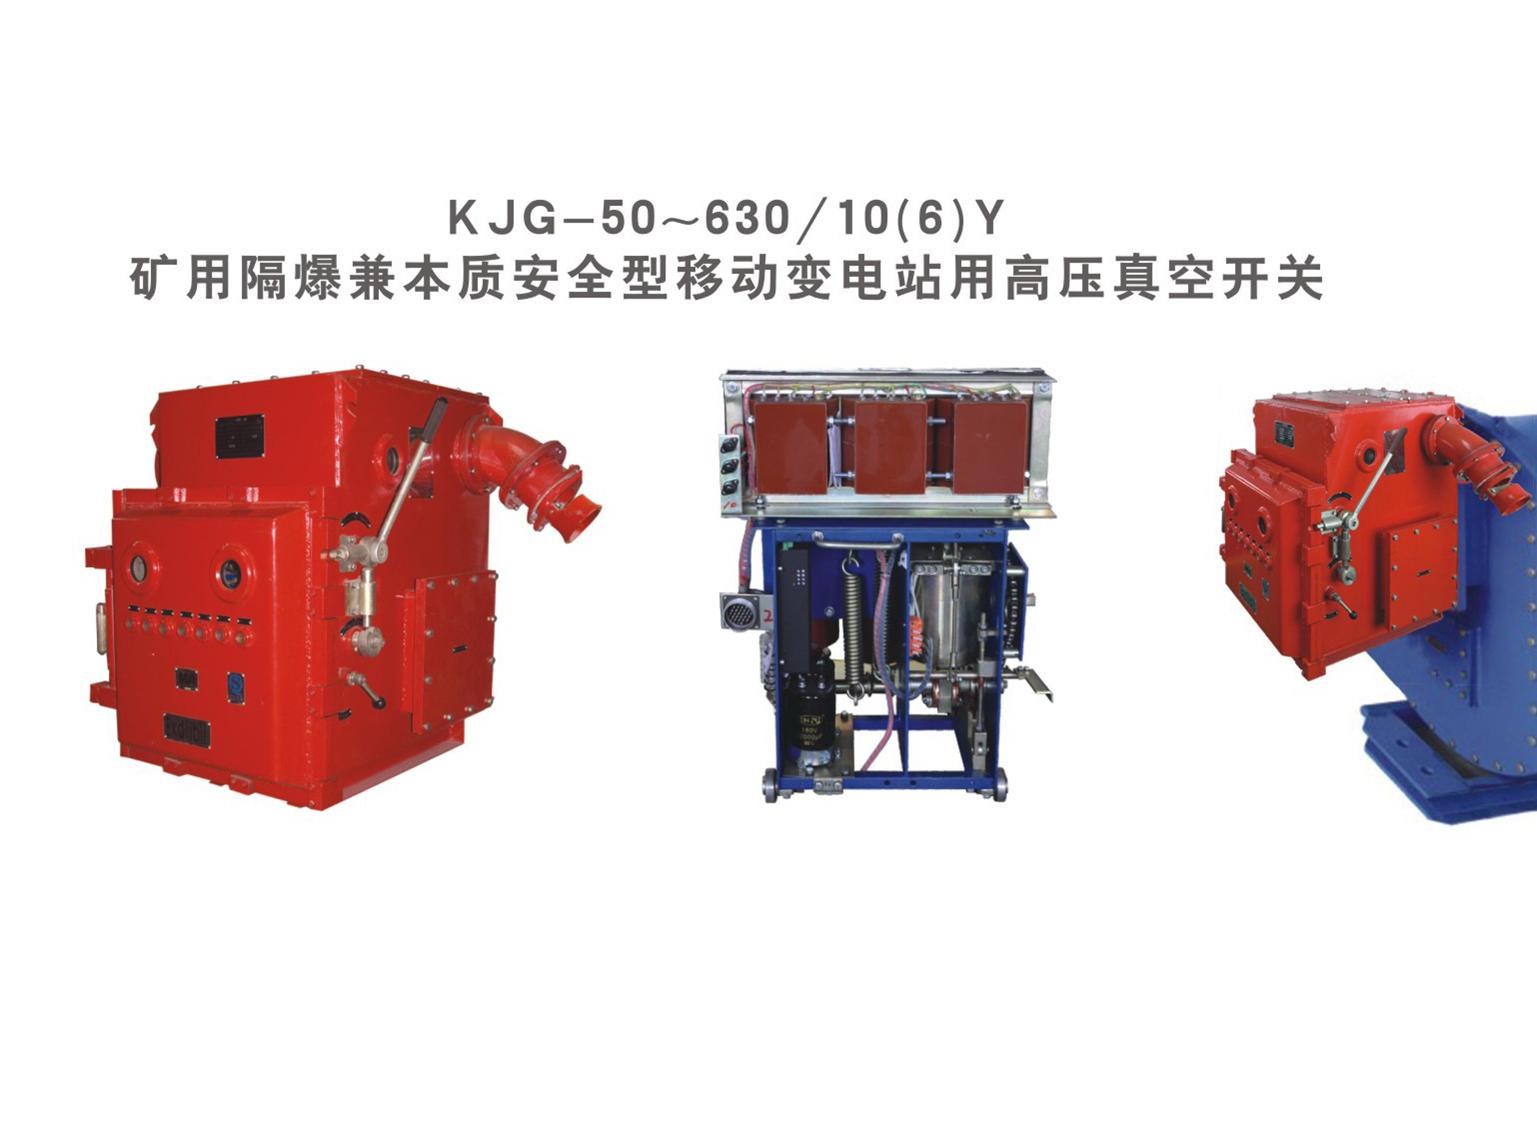 礦用隔爆兼本質安全型移動變電站